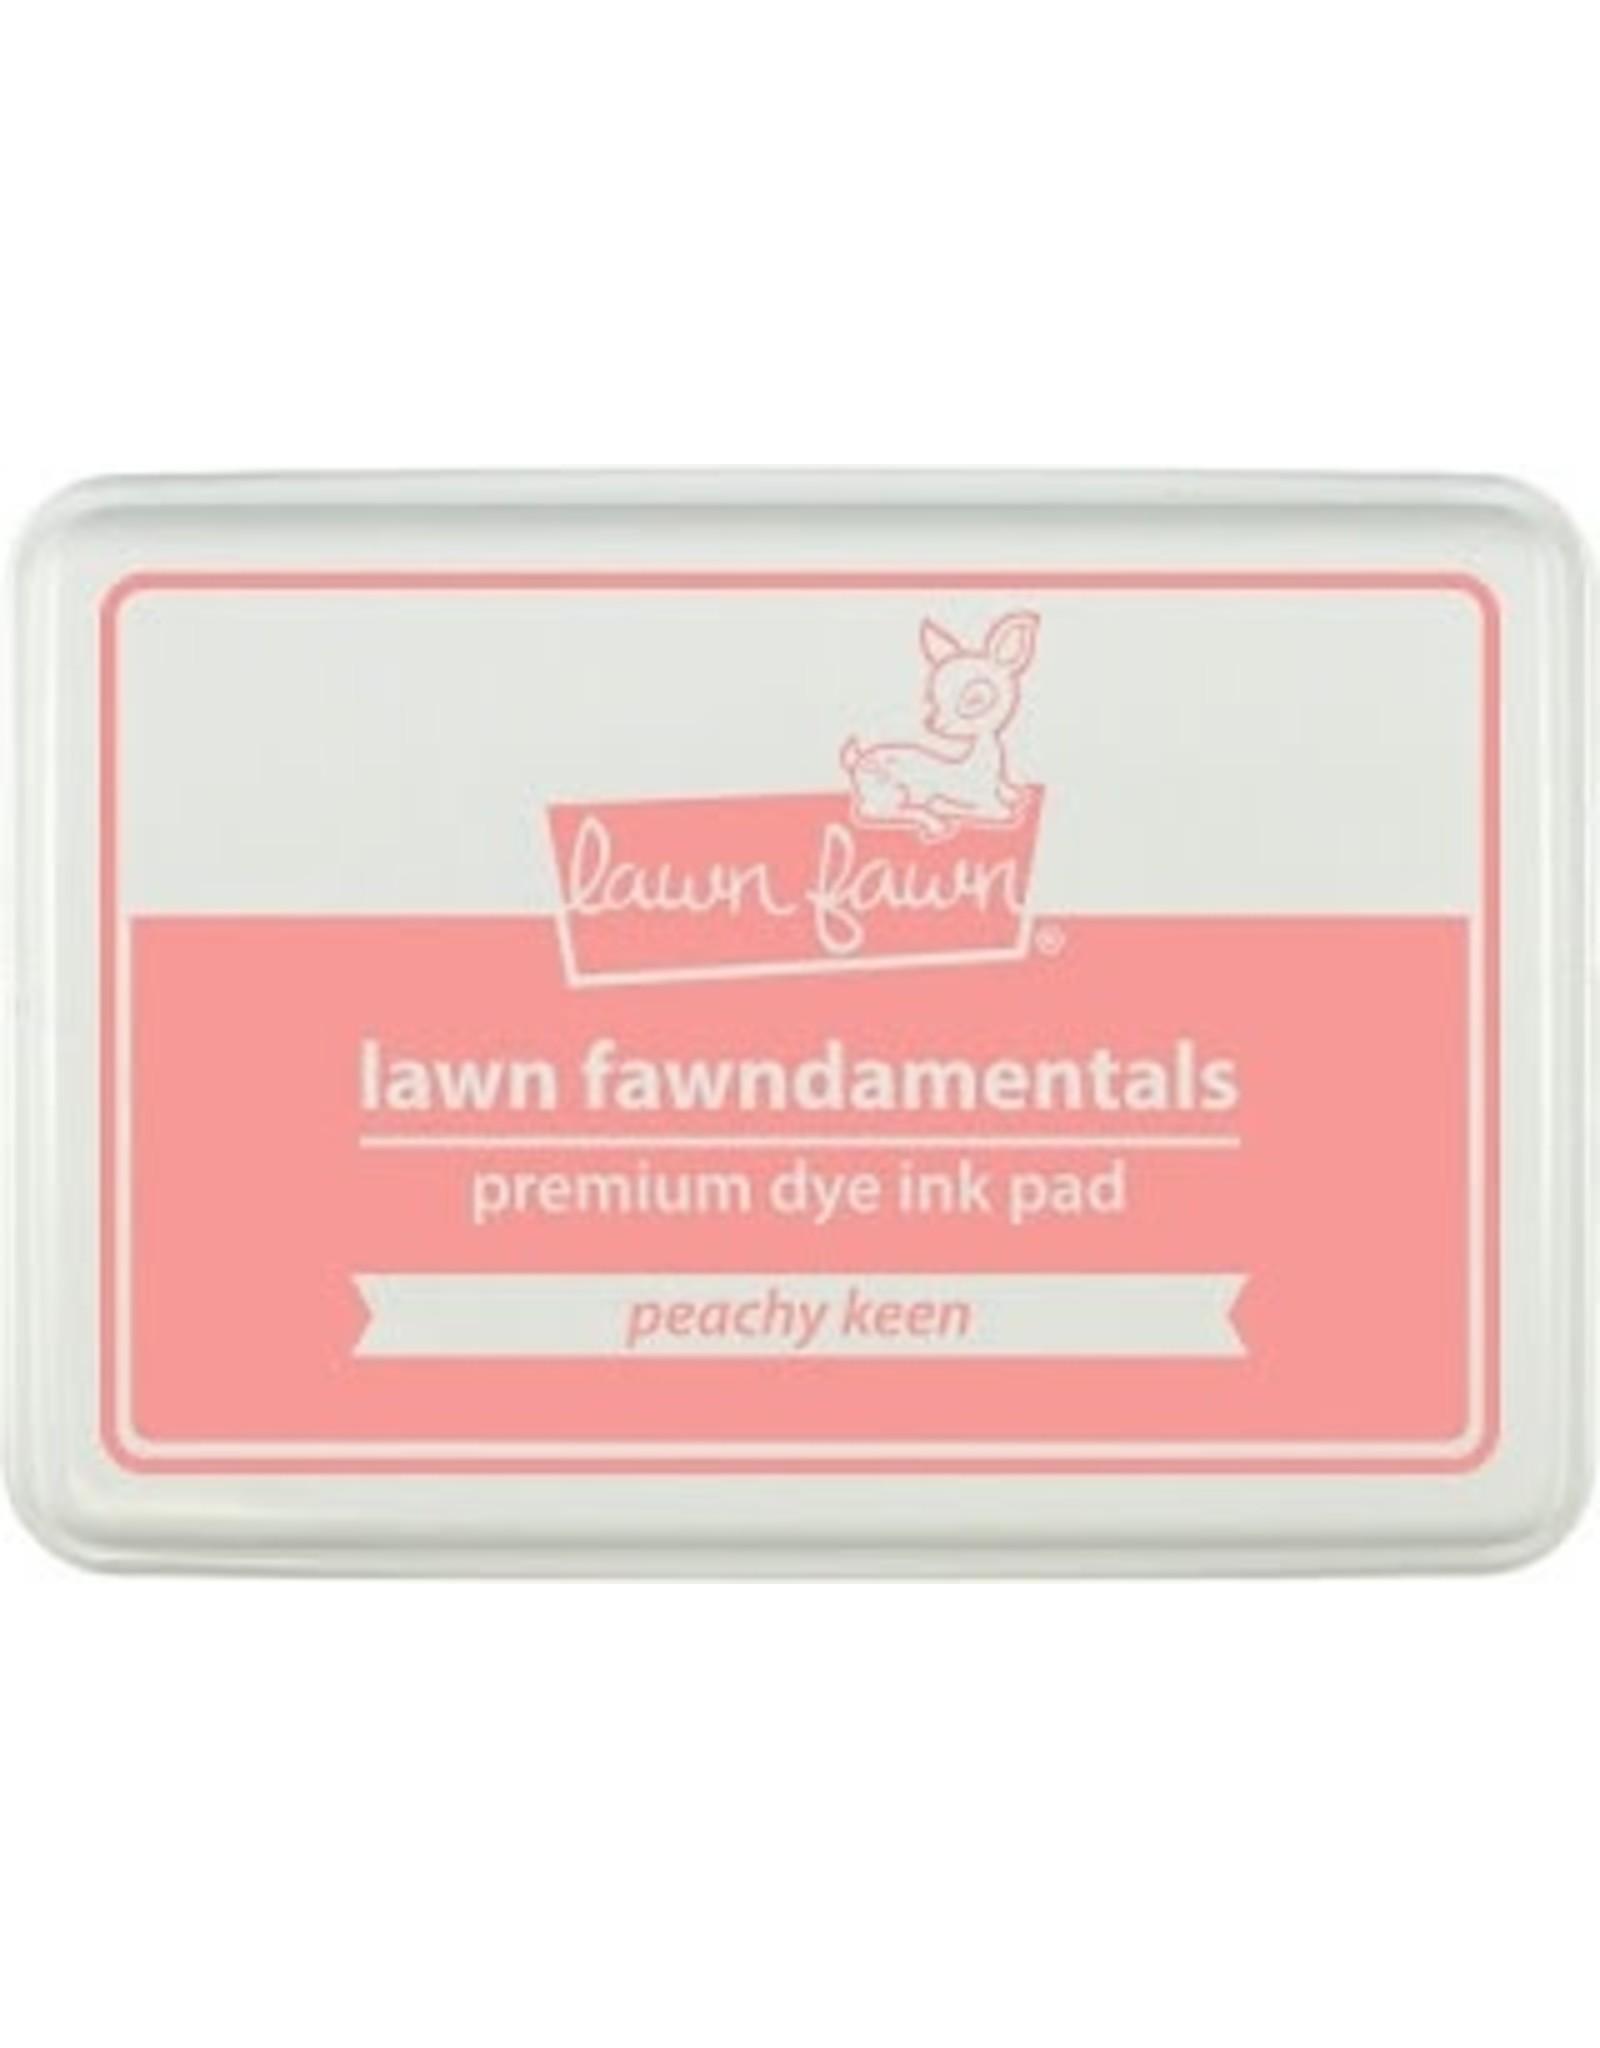 Lawn Fawn Lawn Fawndamentals Dye Ink Pad - Peachy Keen